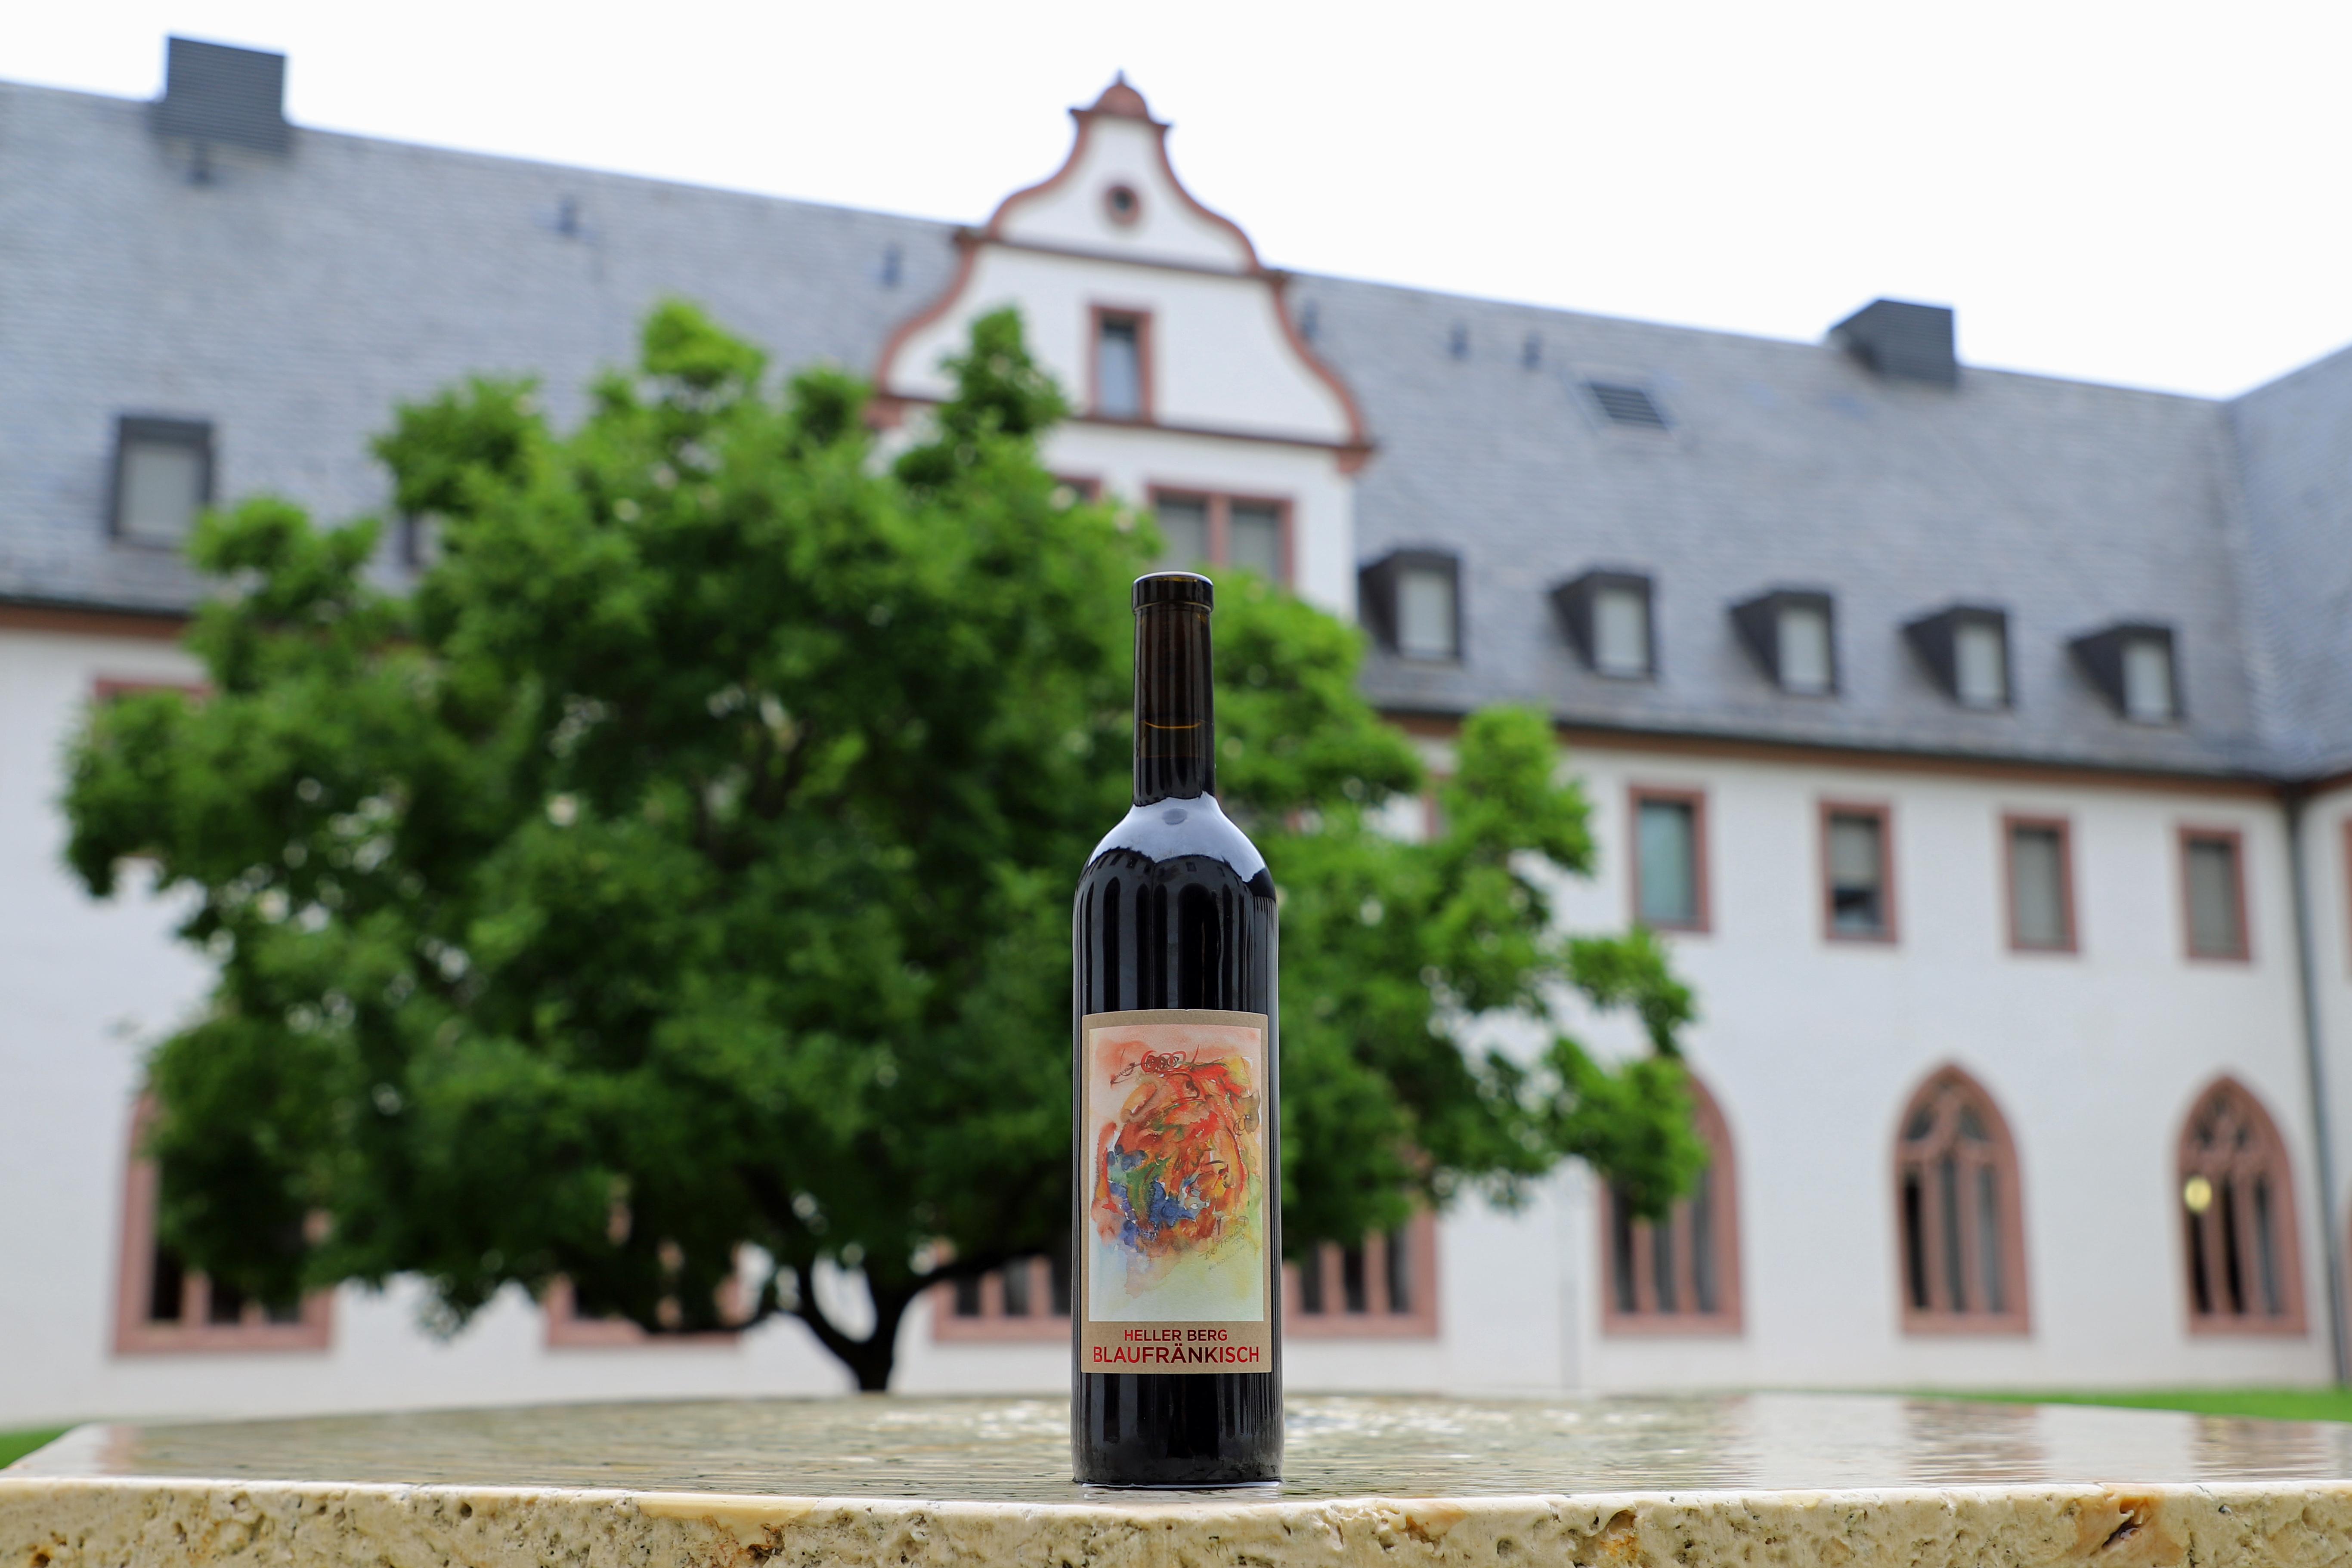 Siegerwein Weingut Roth